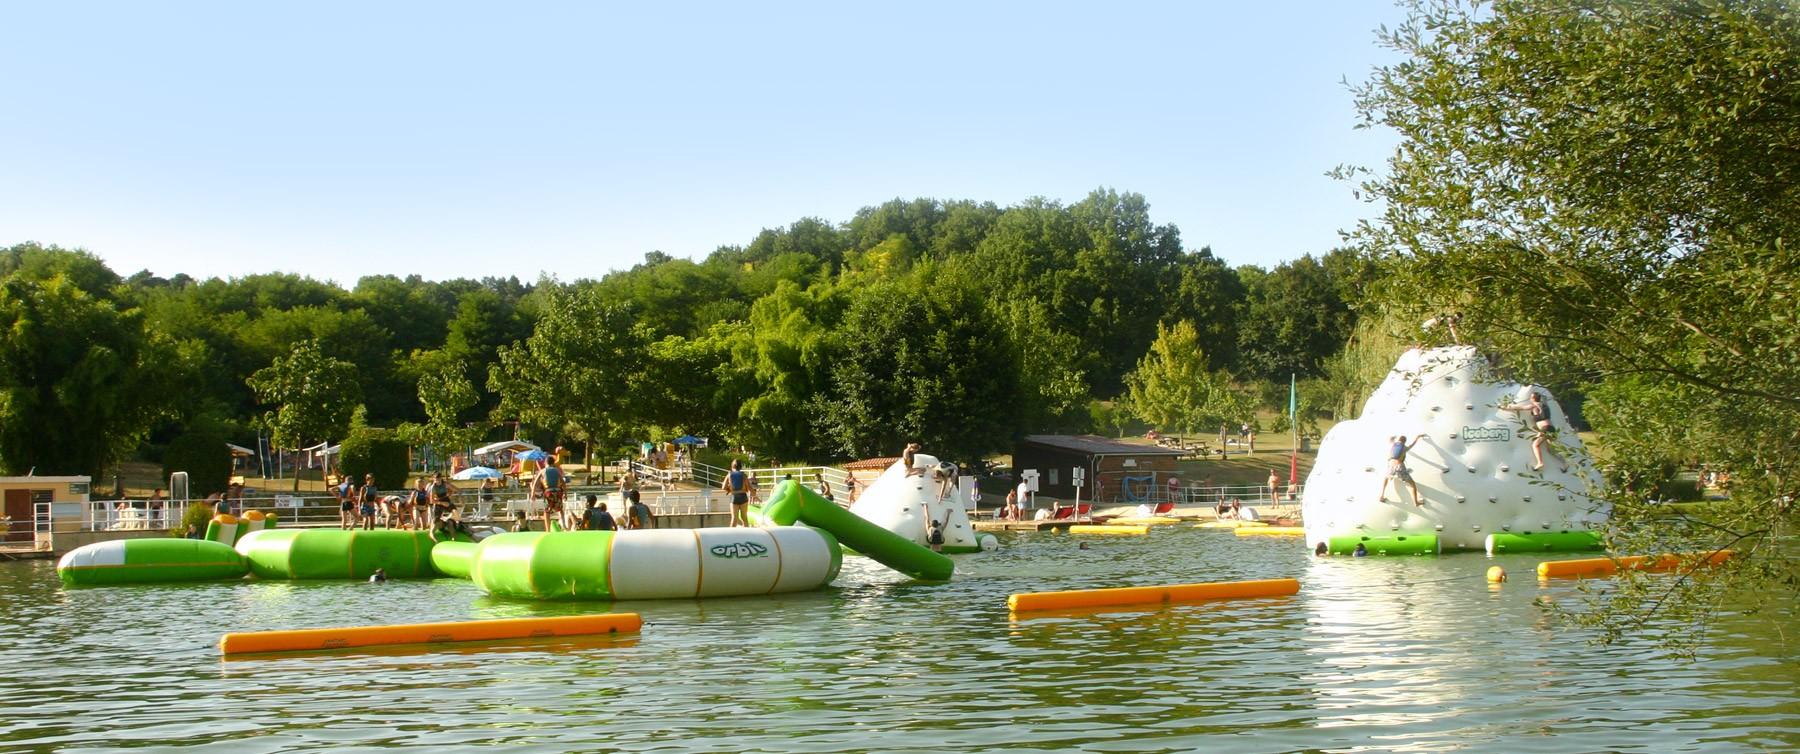 etangs-du-bos-aquaparc-1800x754